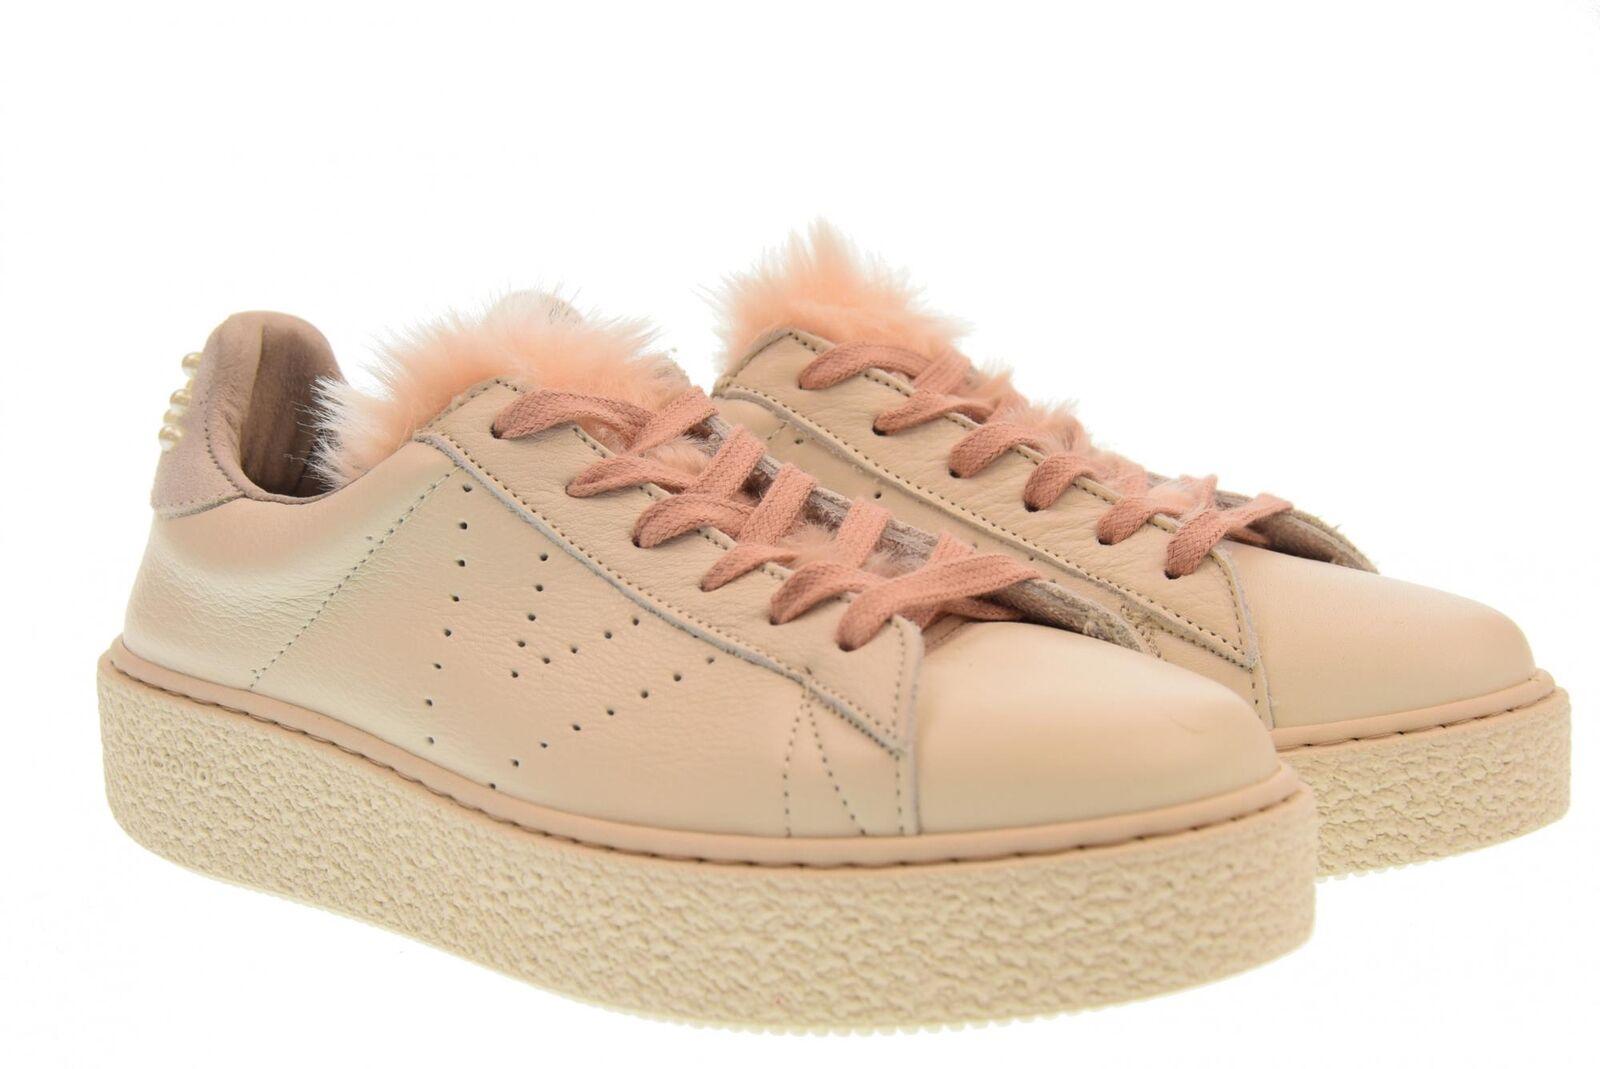 Victoria a18g skor kvinna low skor med Plattform 262118